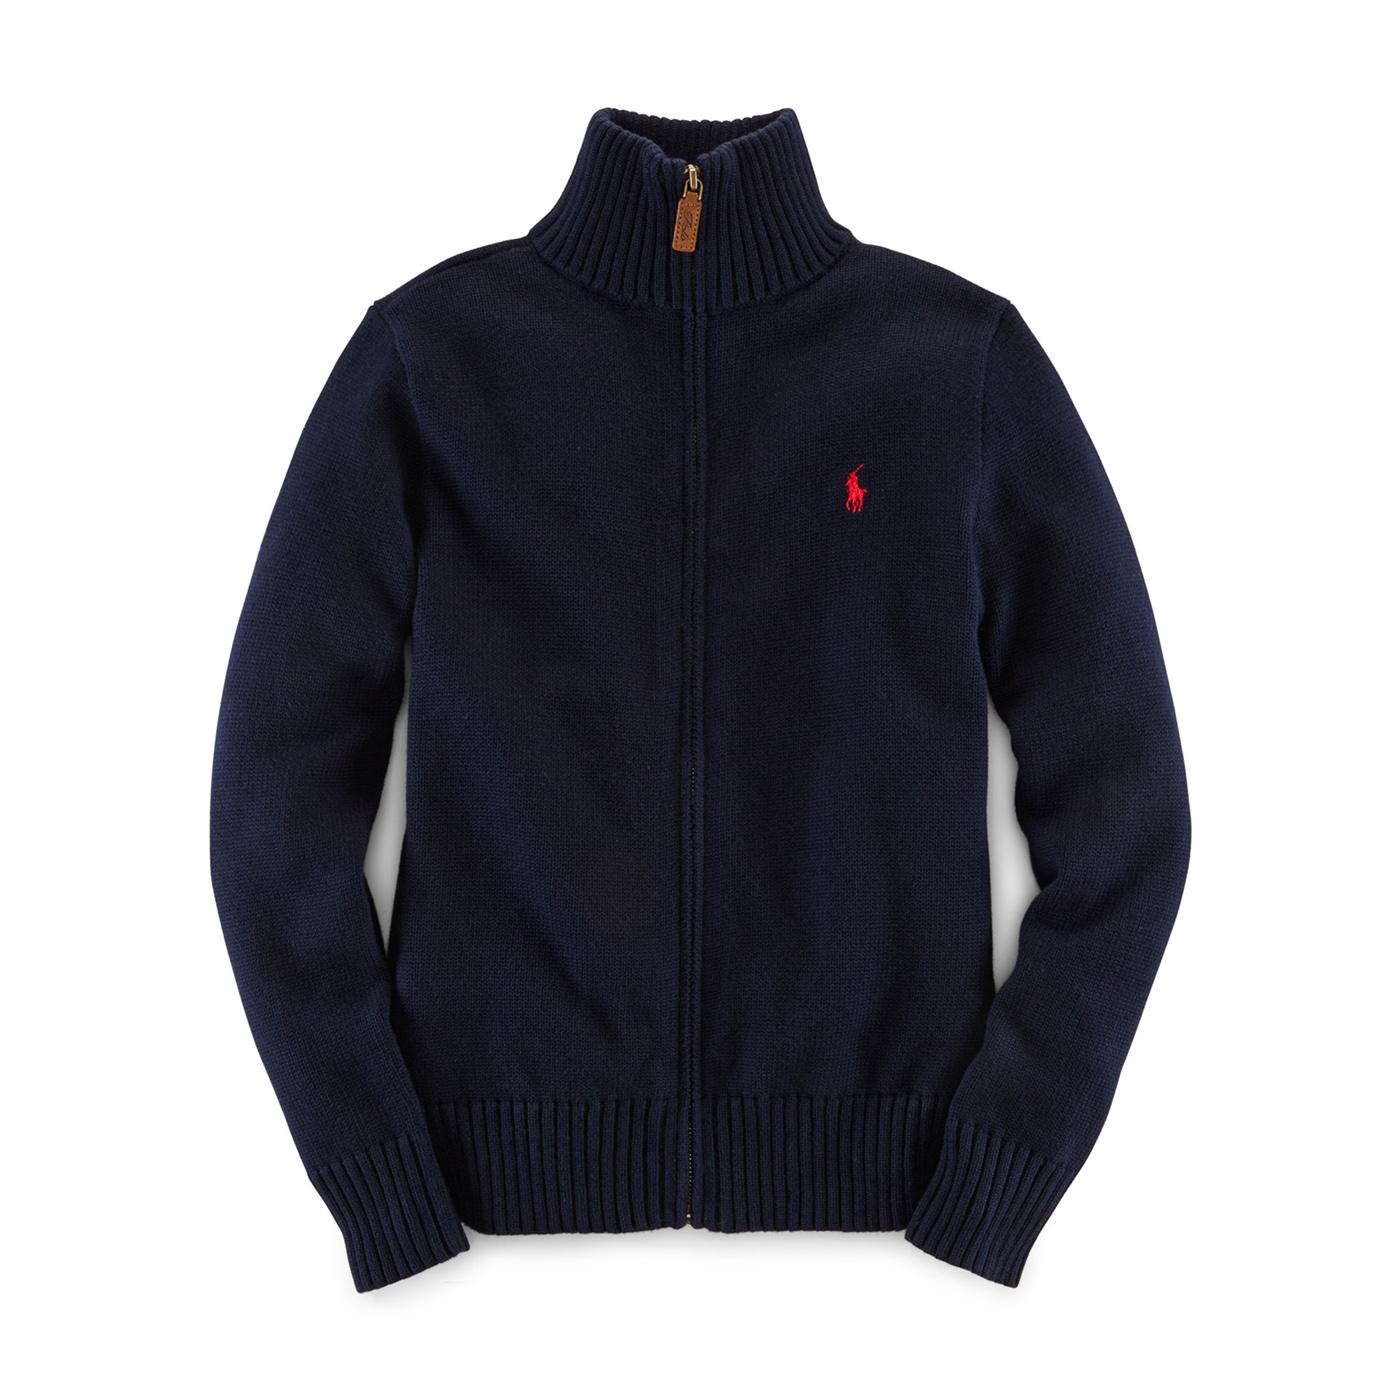 美國百分百【Ralph Lauren】RL polo 立領 外套 厚款 上衣 毛衣 針織衫 深藍 XS S號 F858